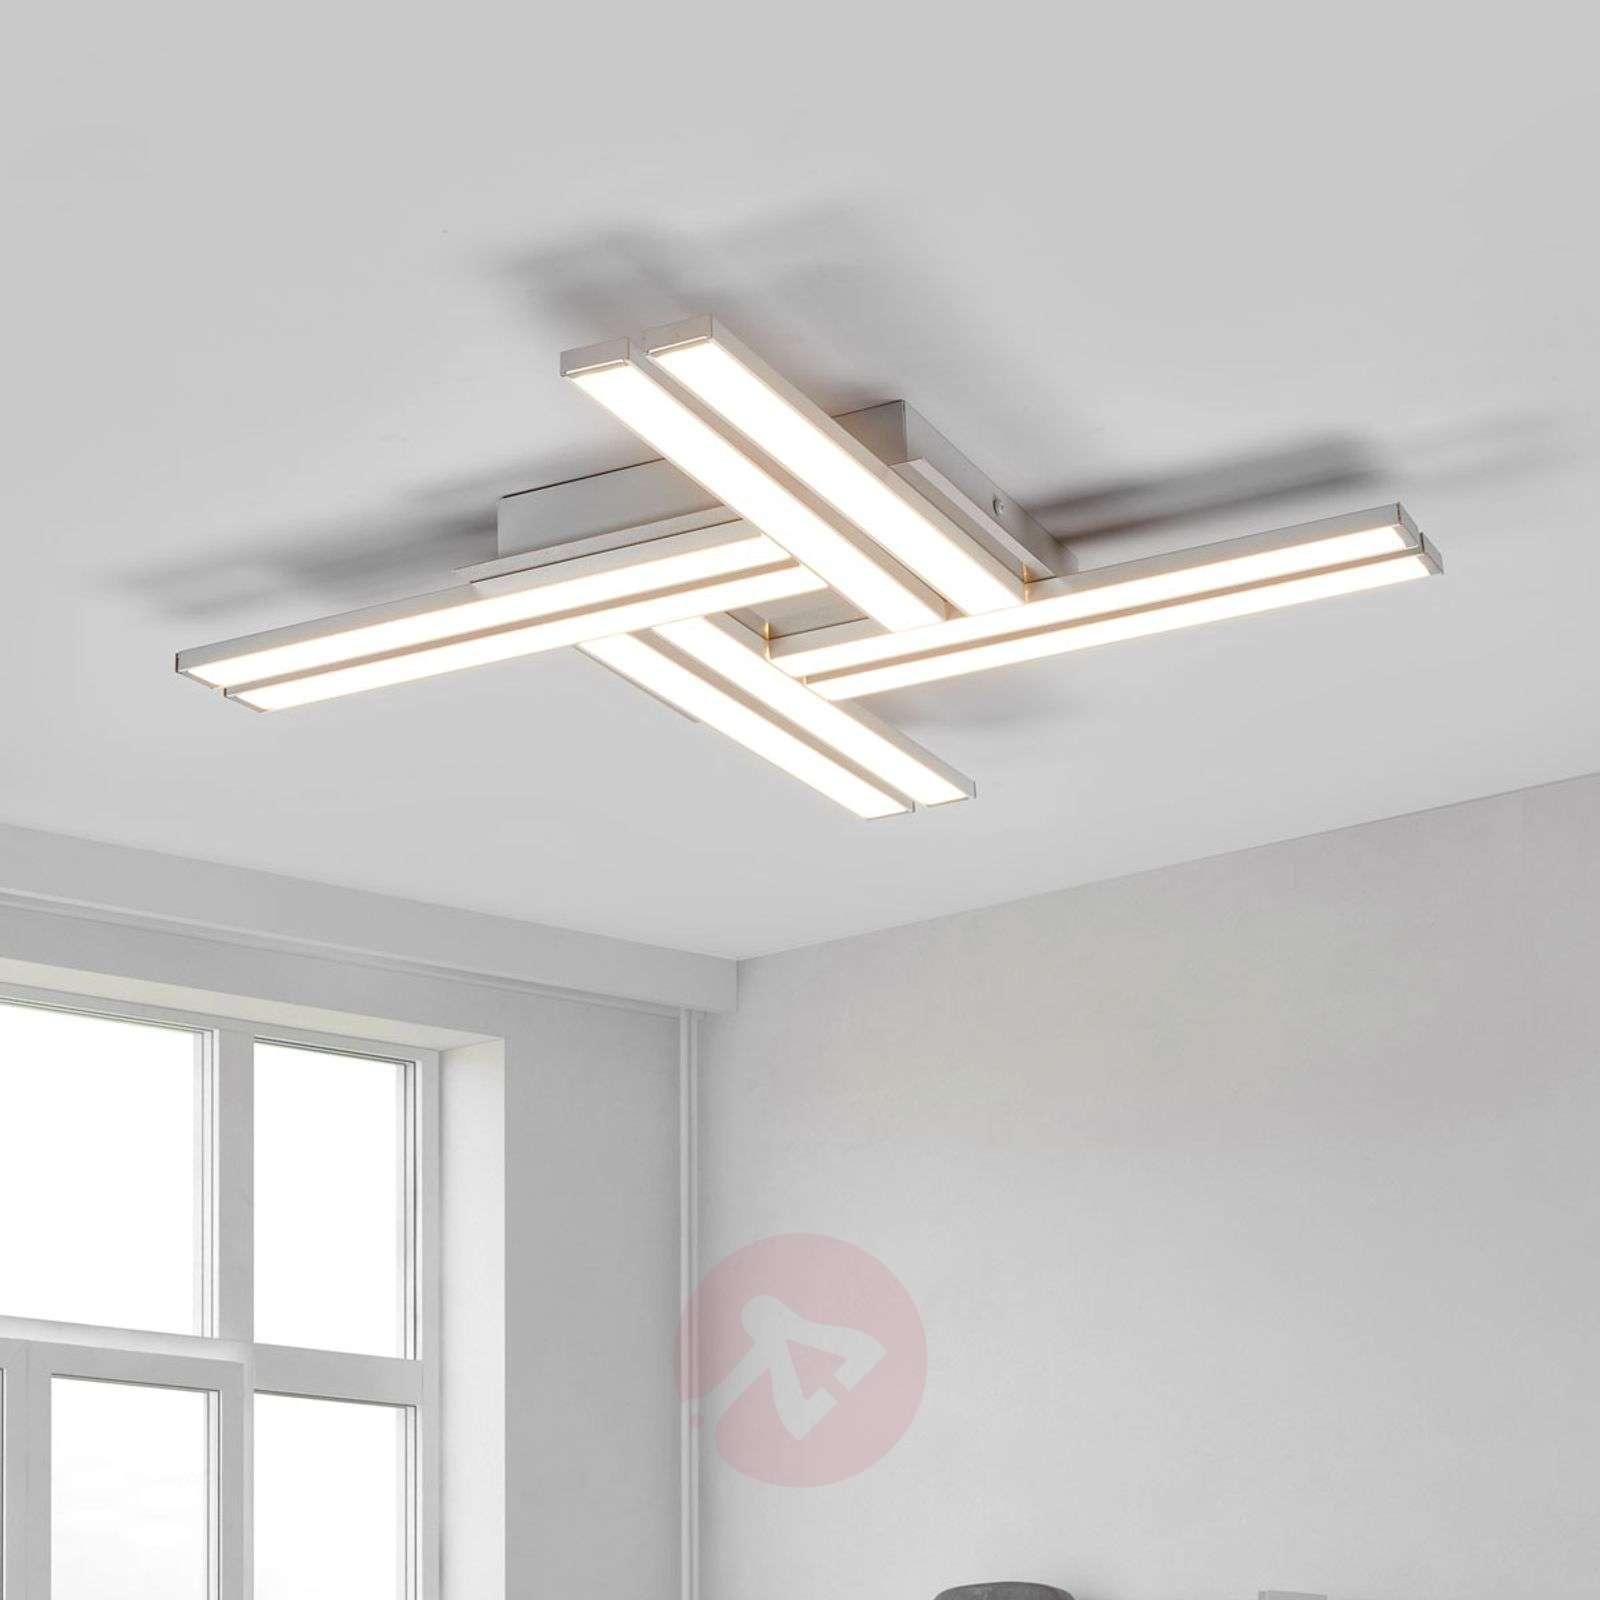 Stylish Largo Ceiling Lamp With Led Lighting